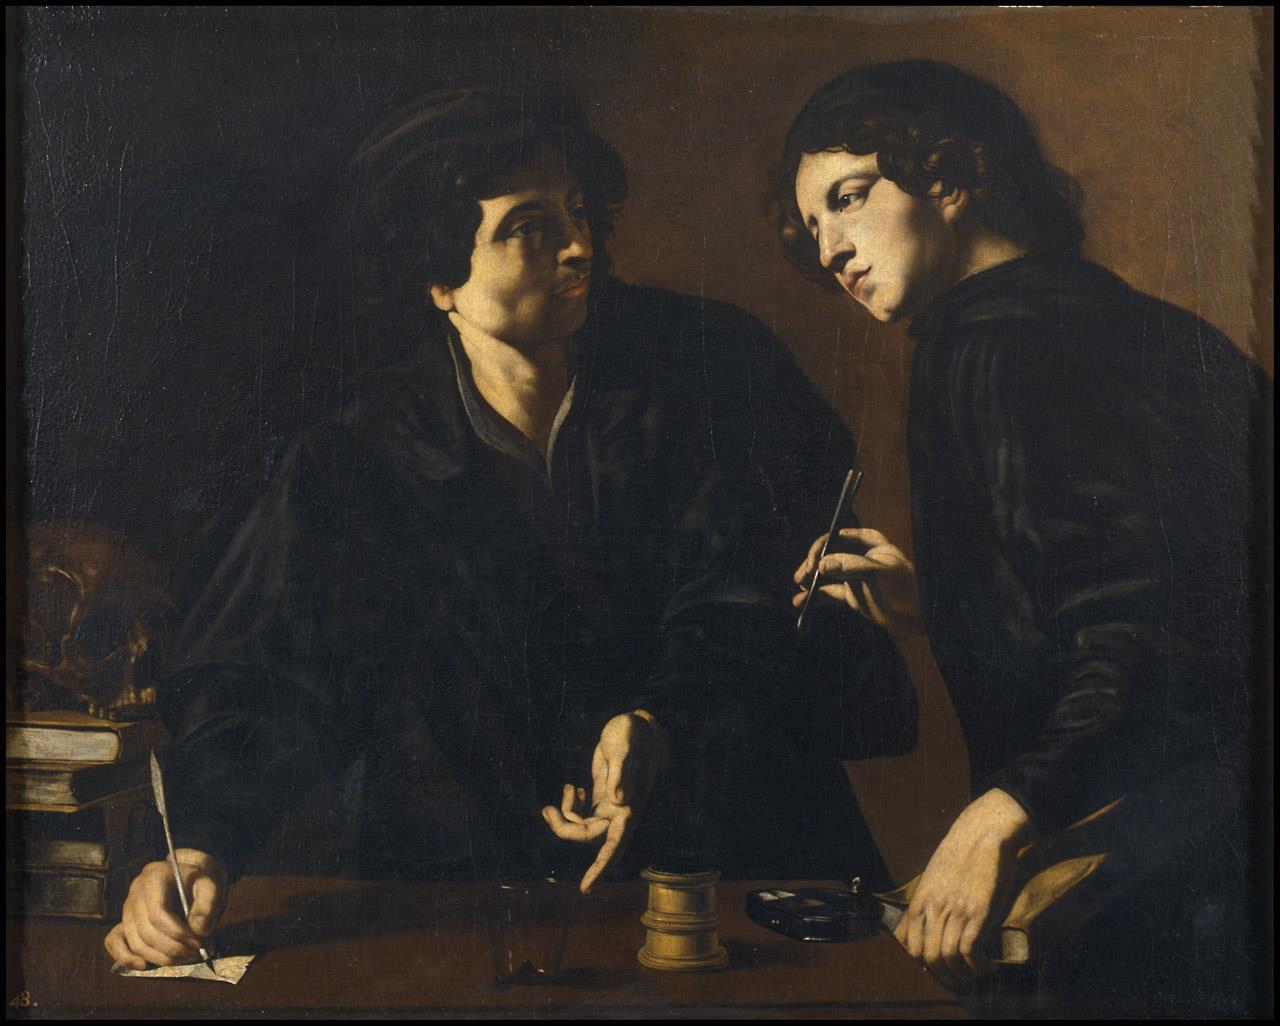 Caracciolo,GiovanniBattista. Battistello